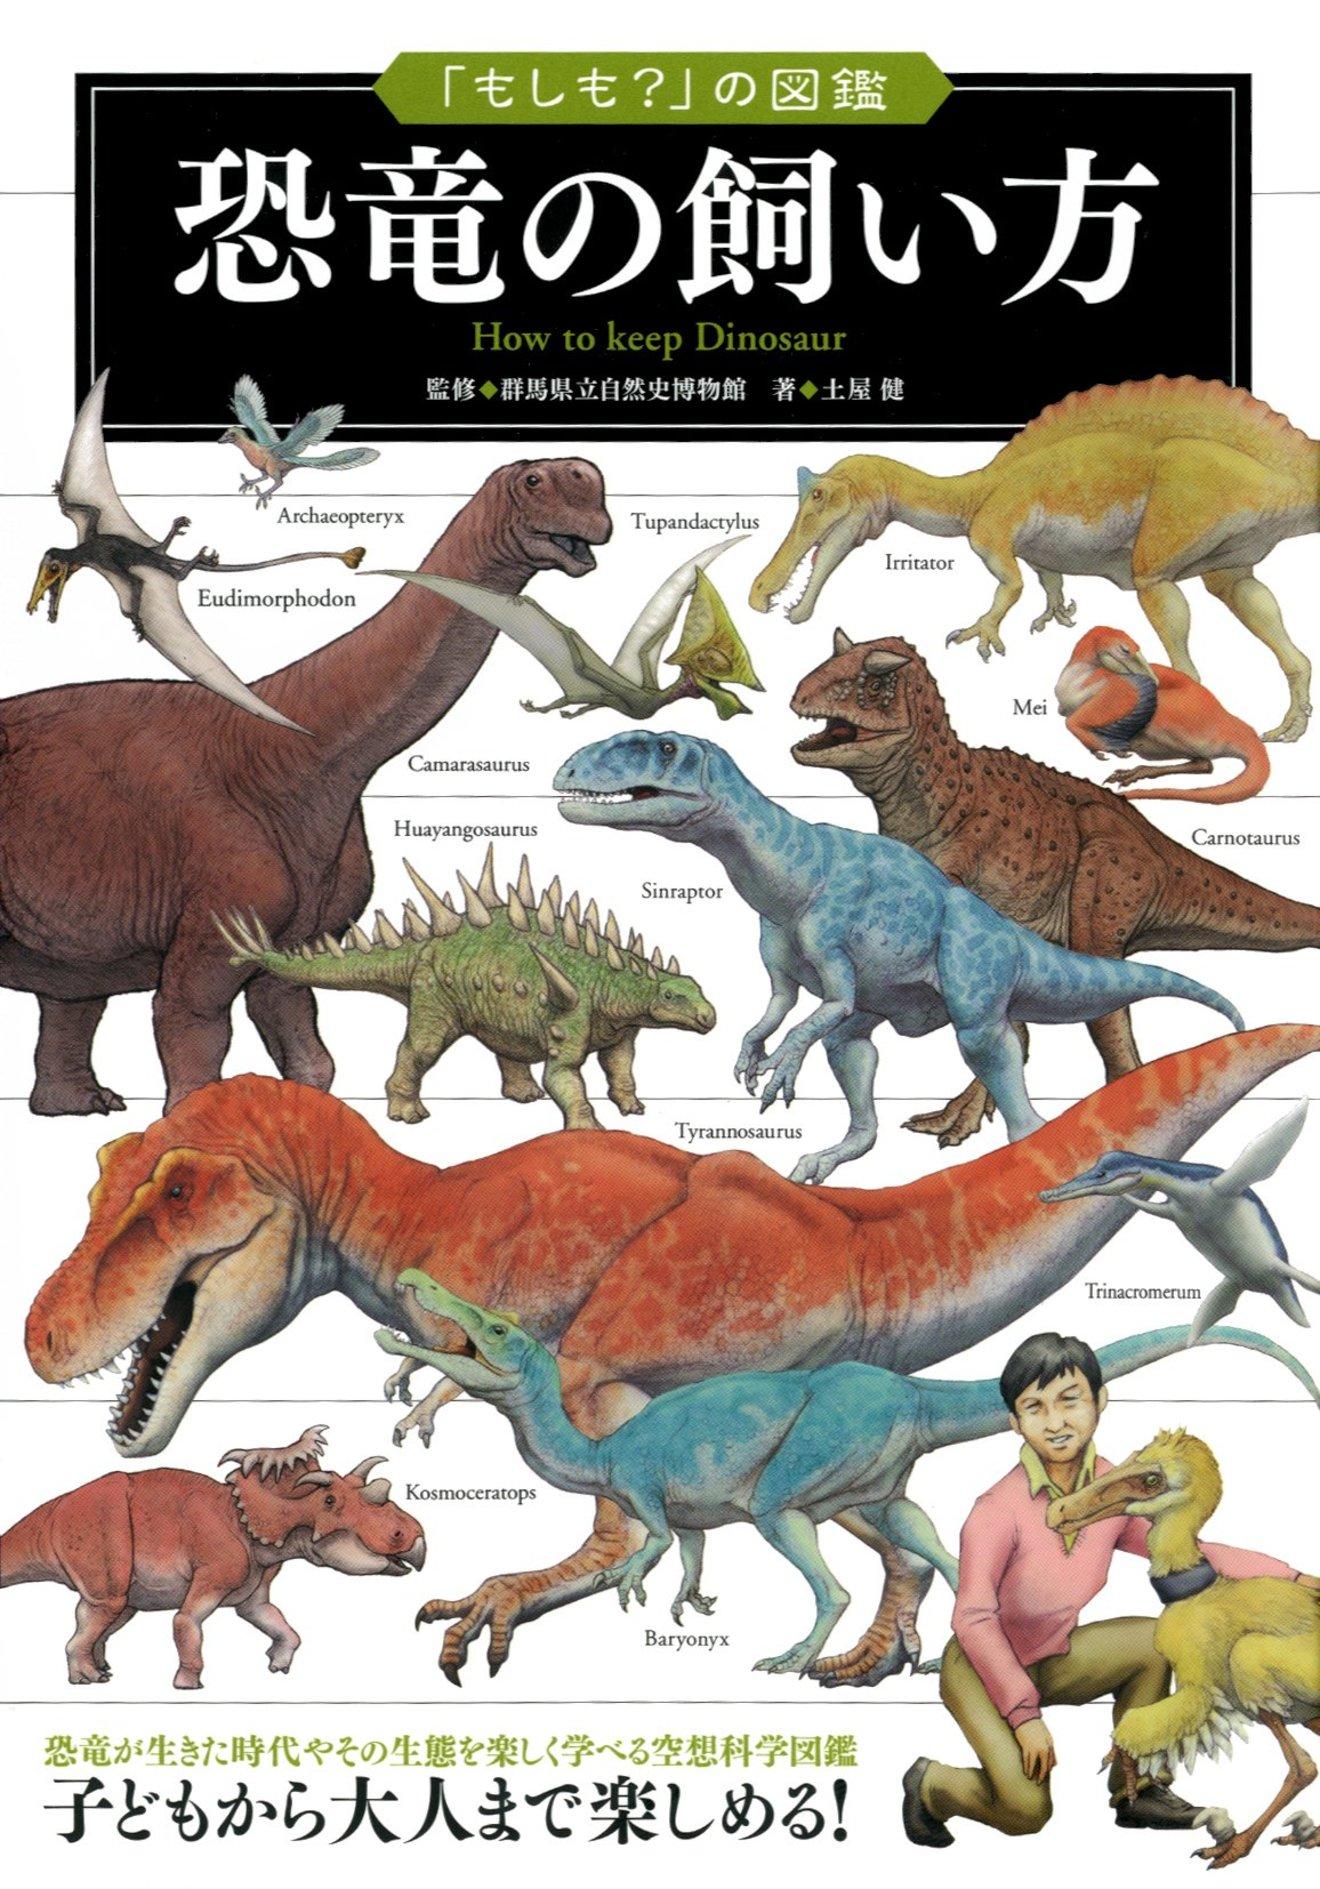 恐竜はなぜ絶滅した?子どもから大人まで楽しめる入門書紹介